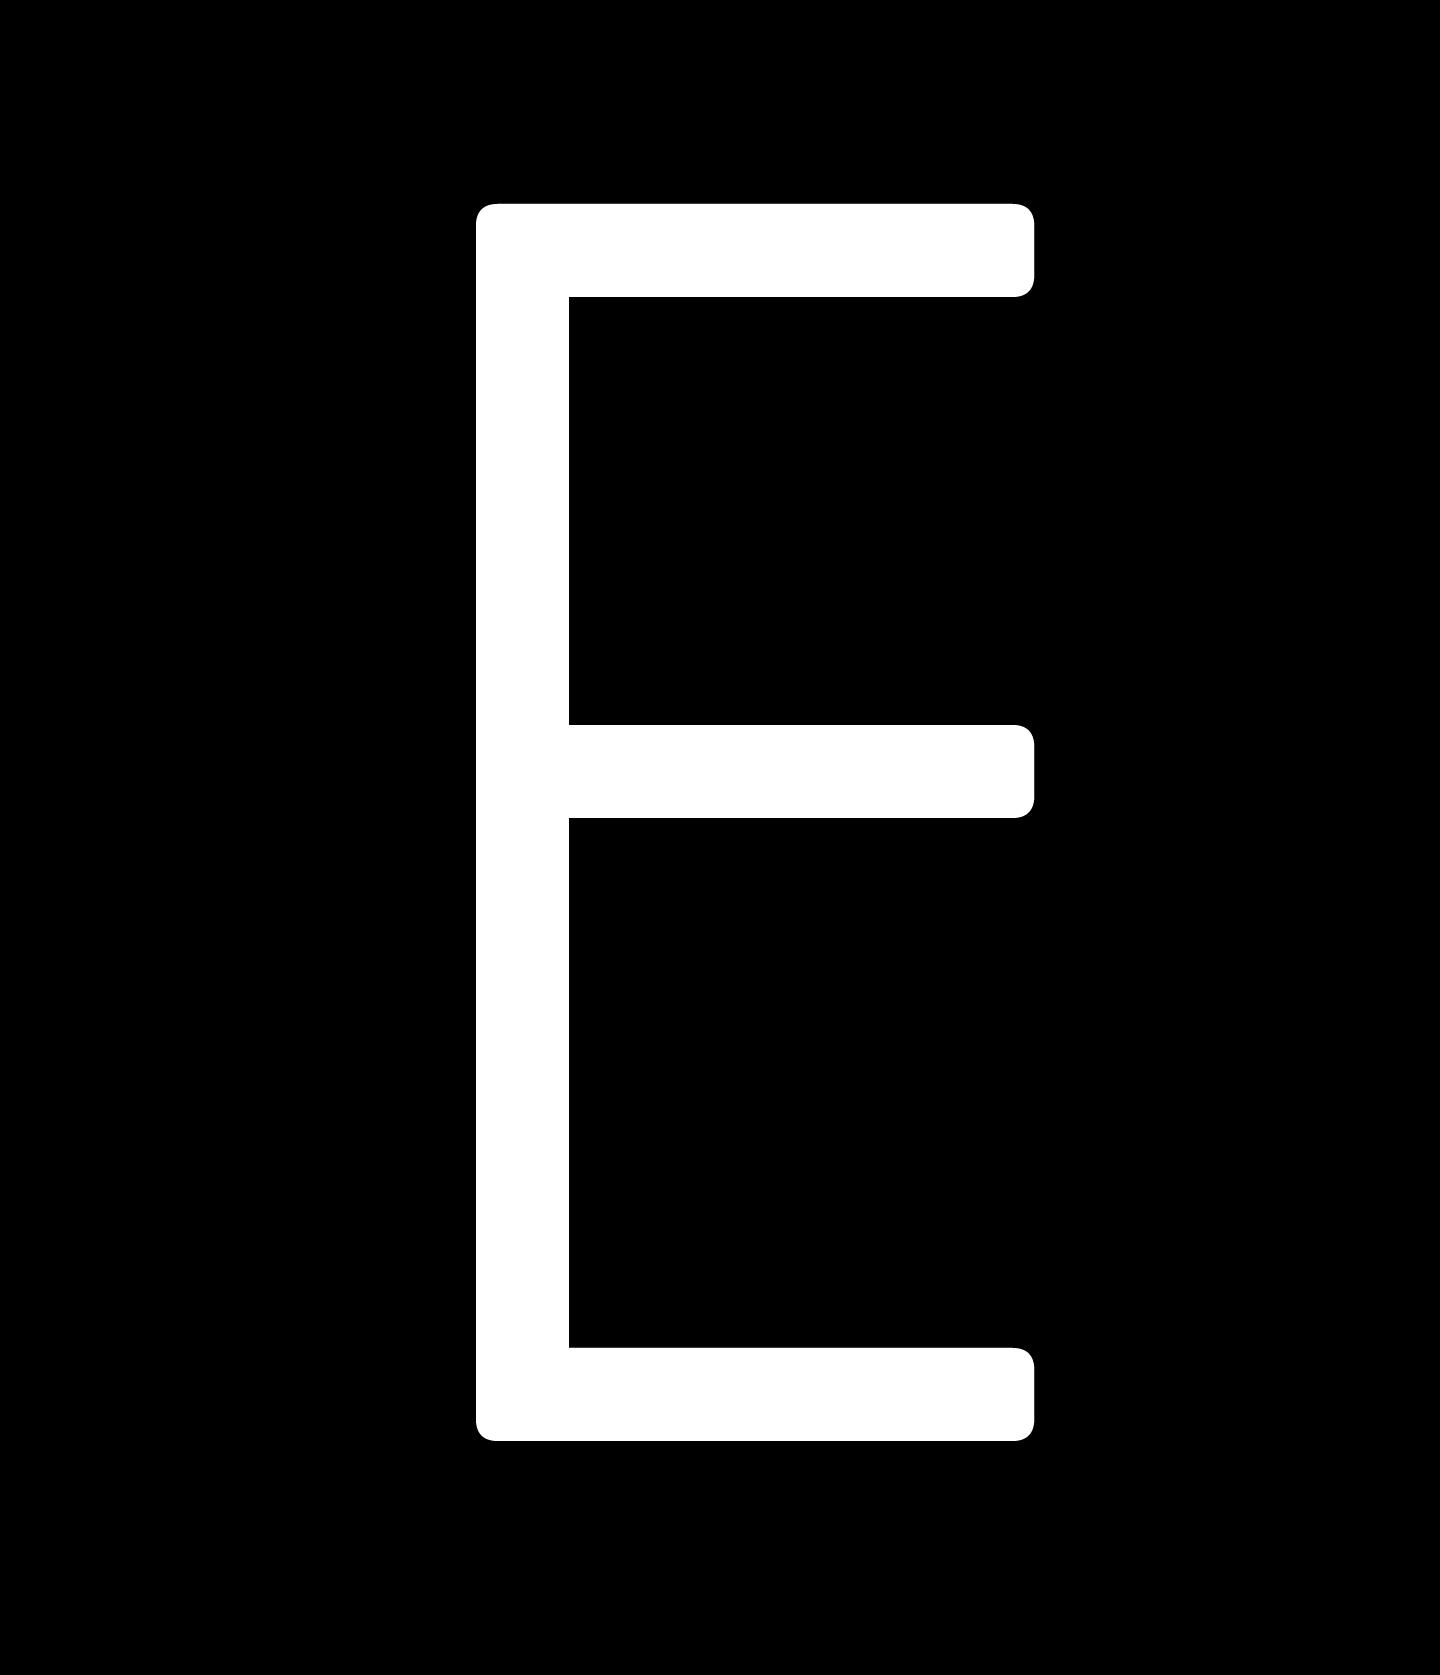 ELPM_A3_181115_x10